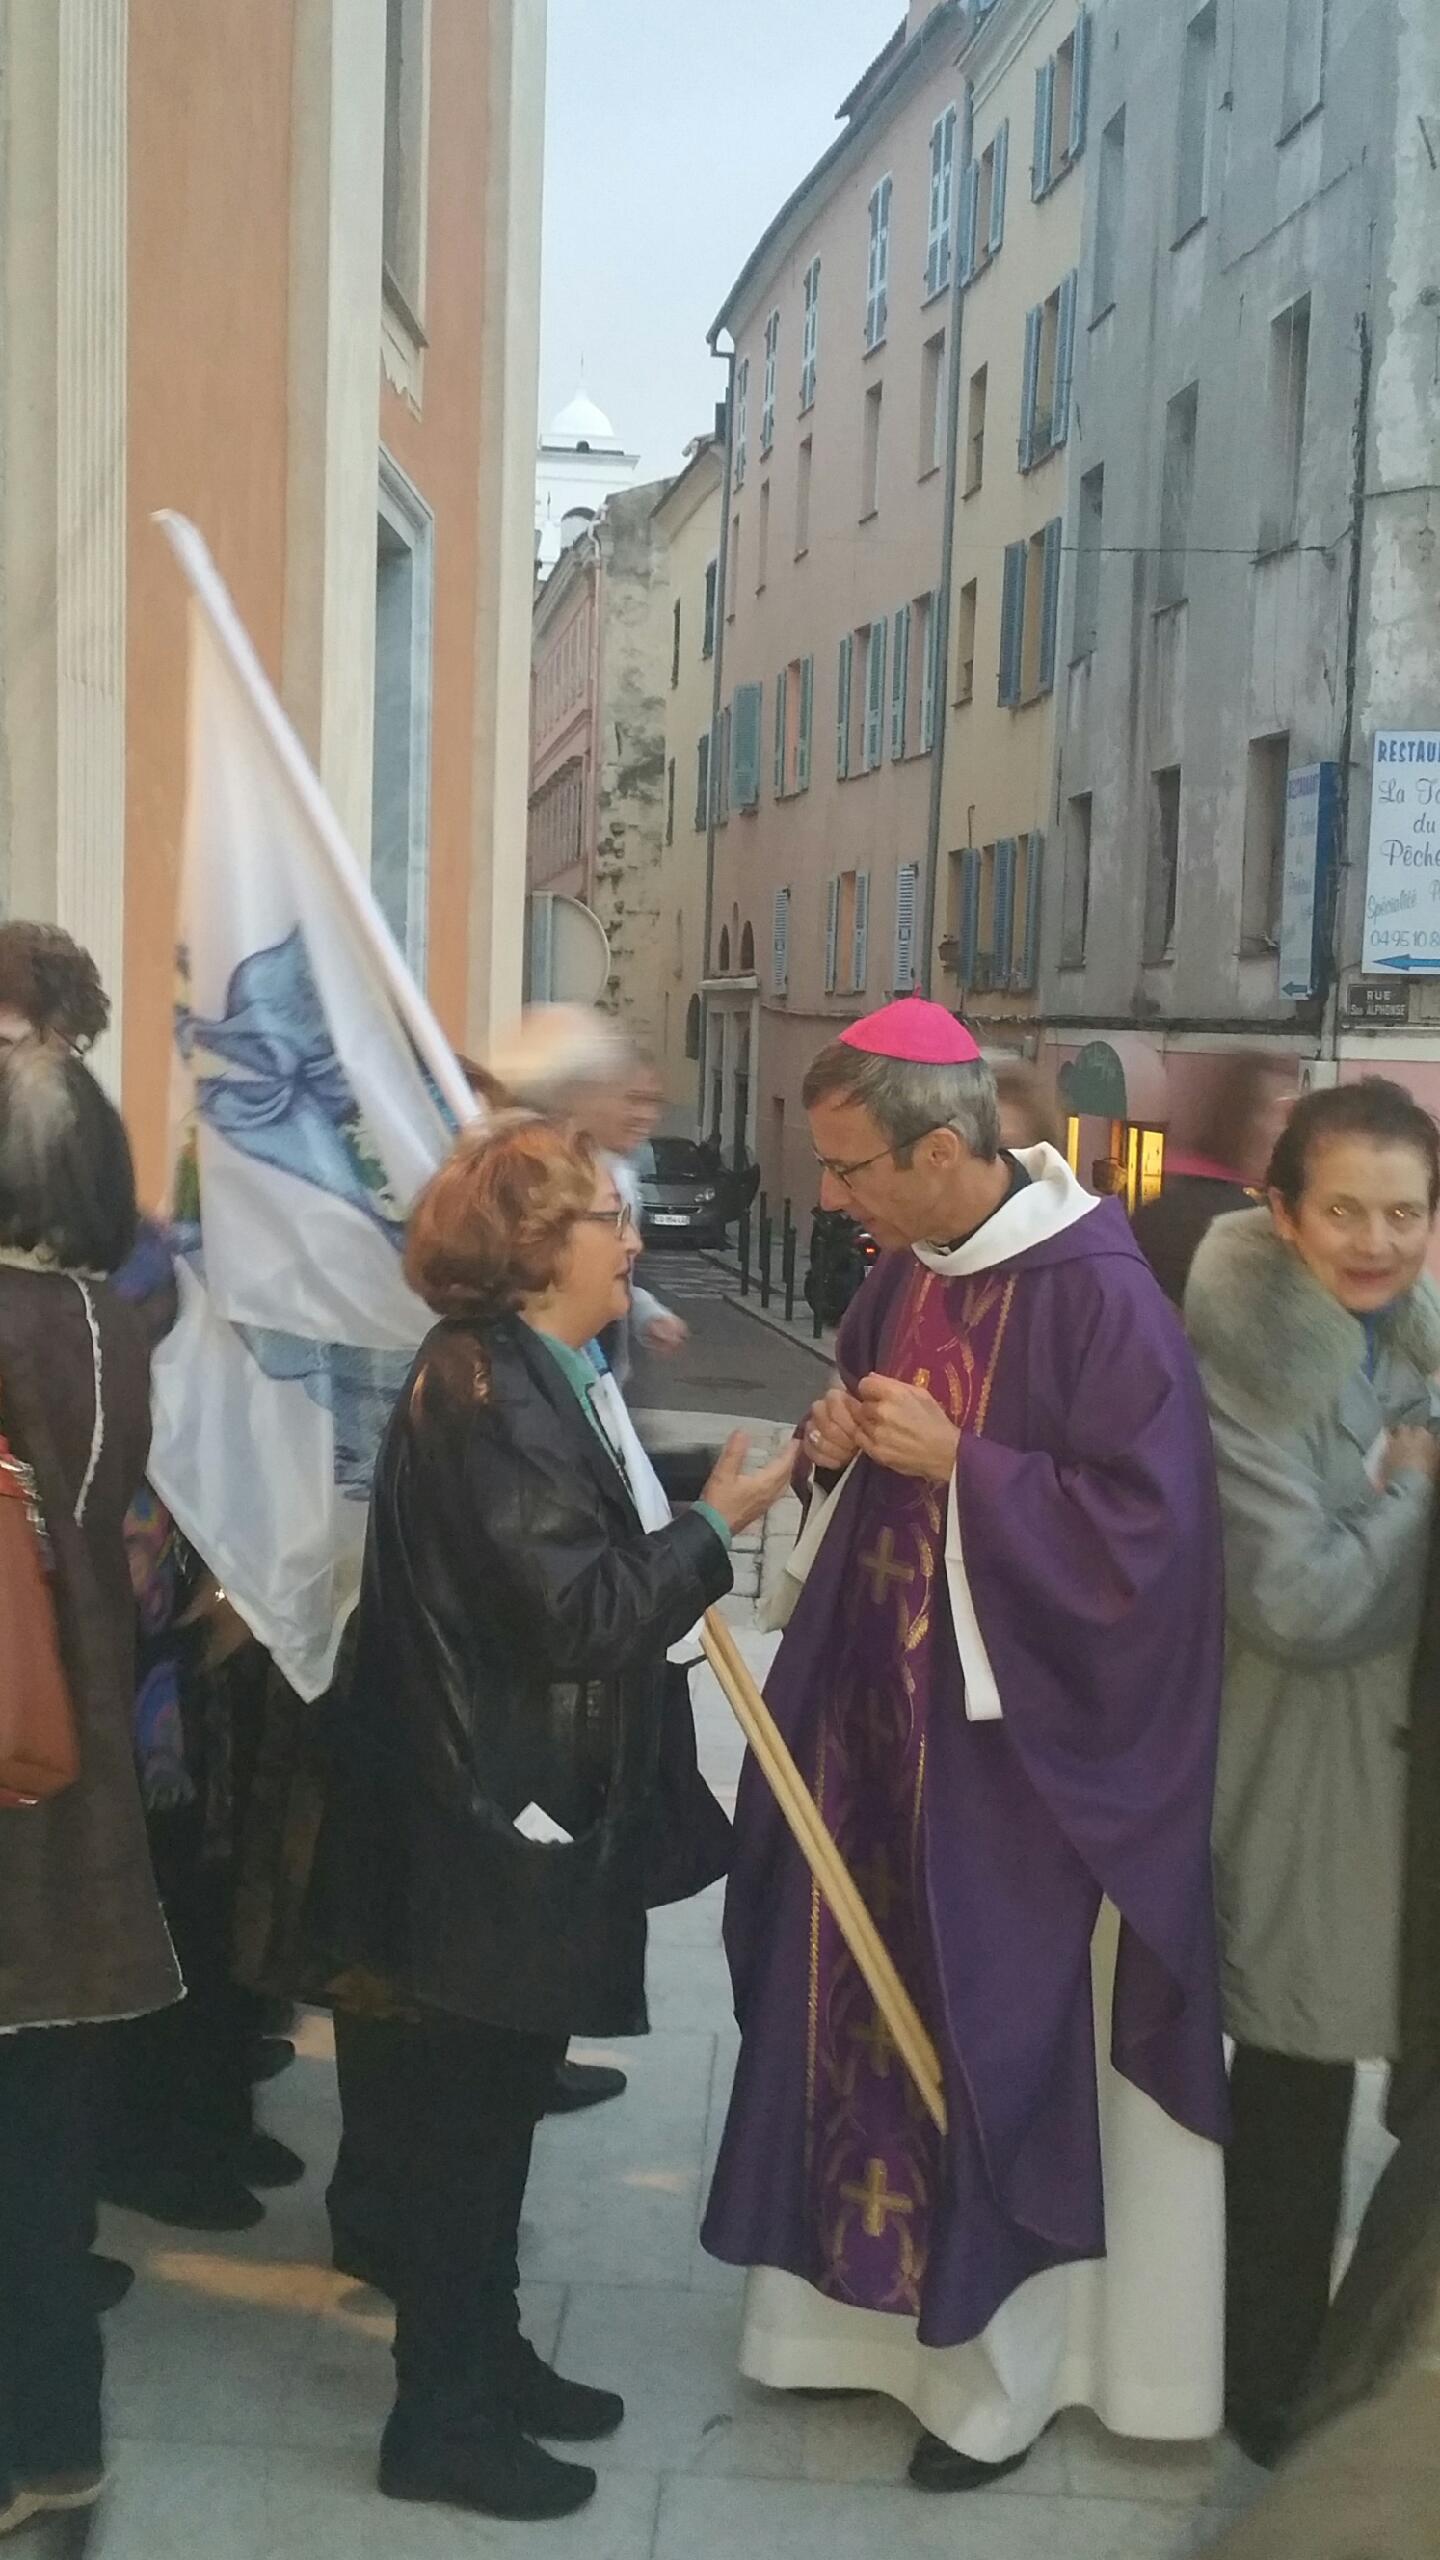 L'Evêque de Corse avant la cérémonie d'ouverture